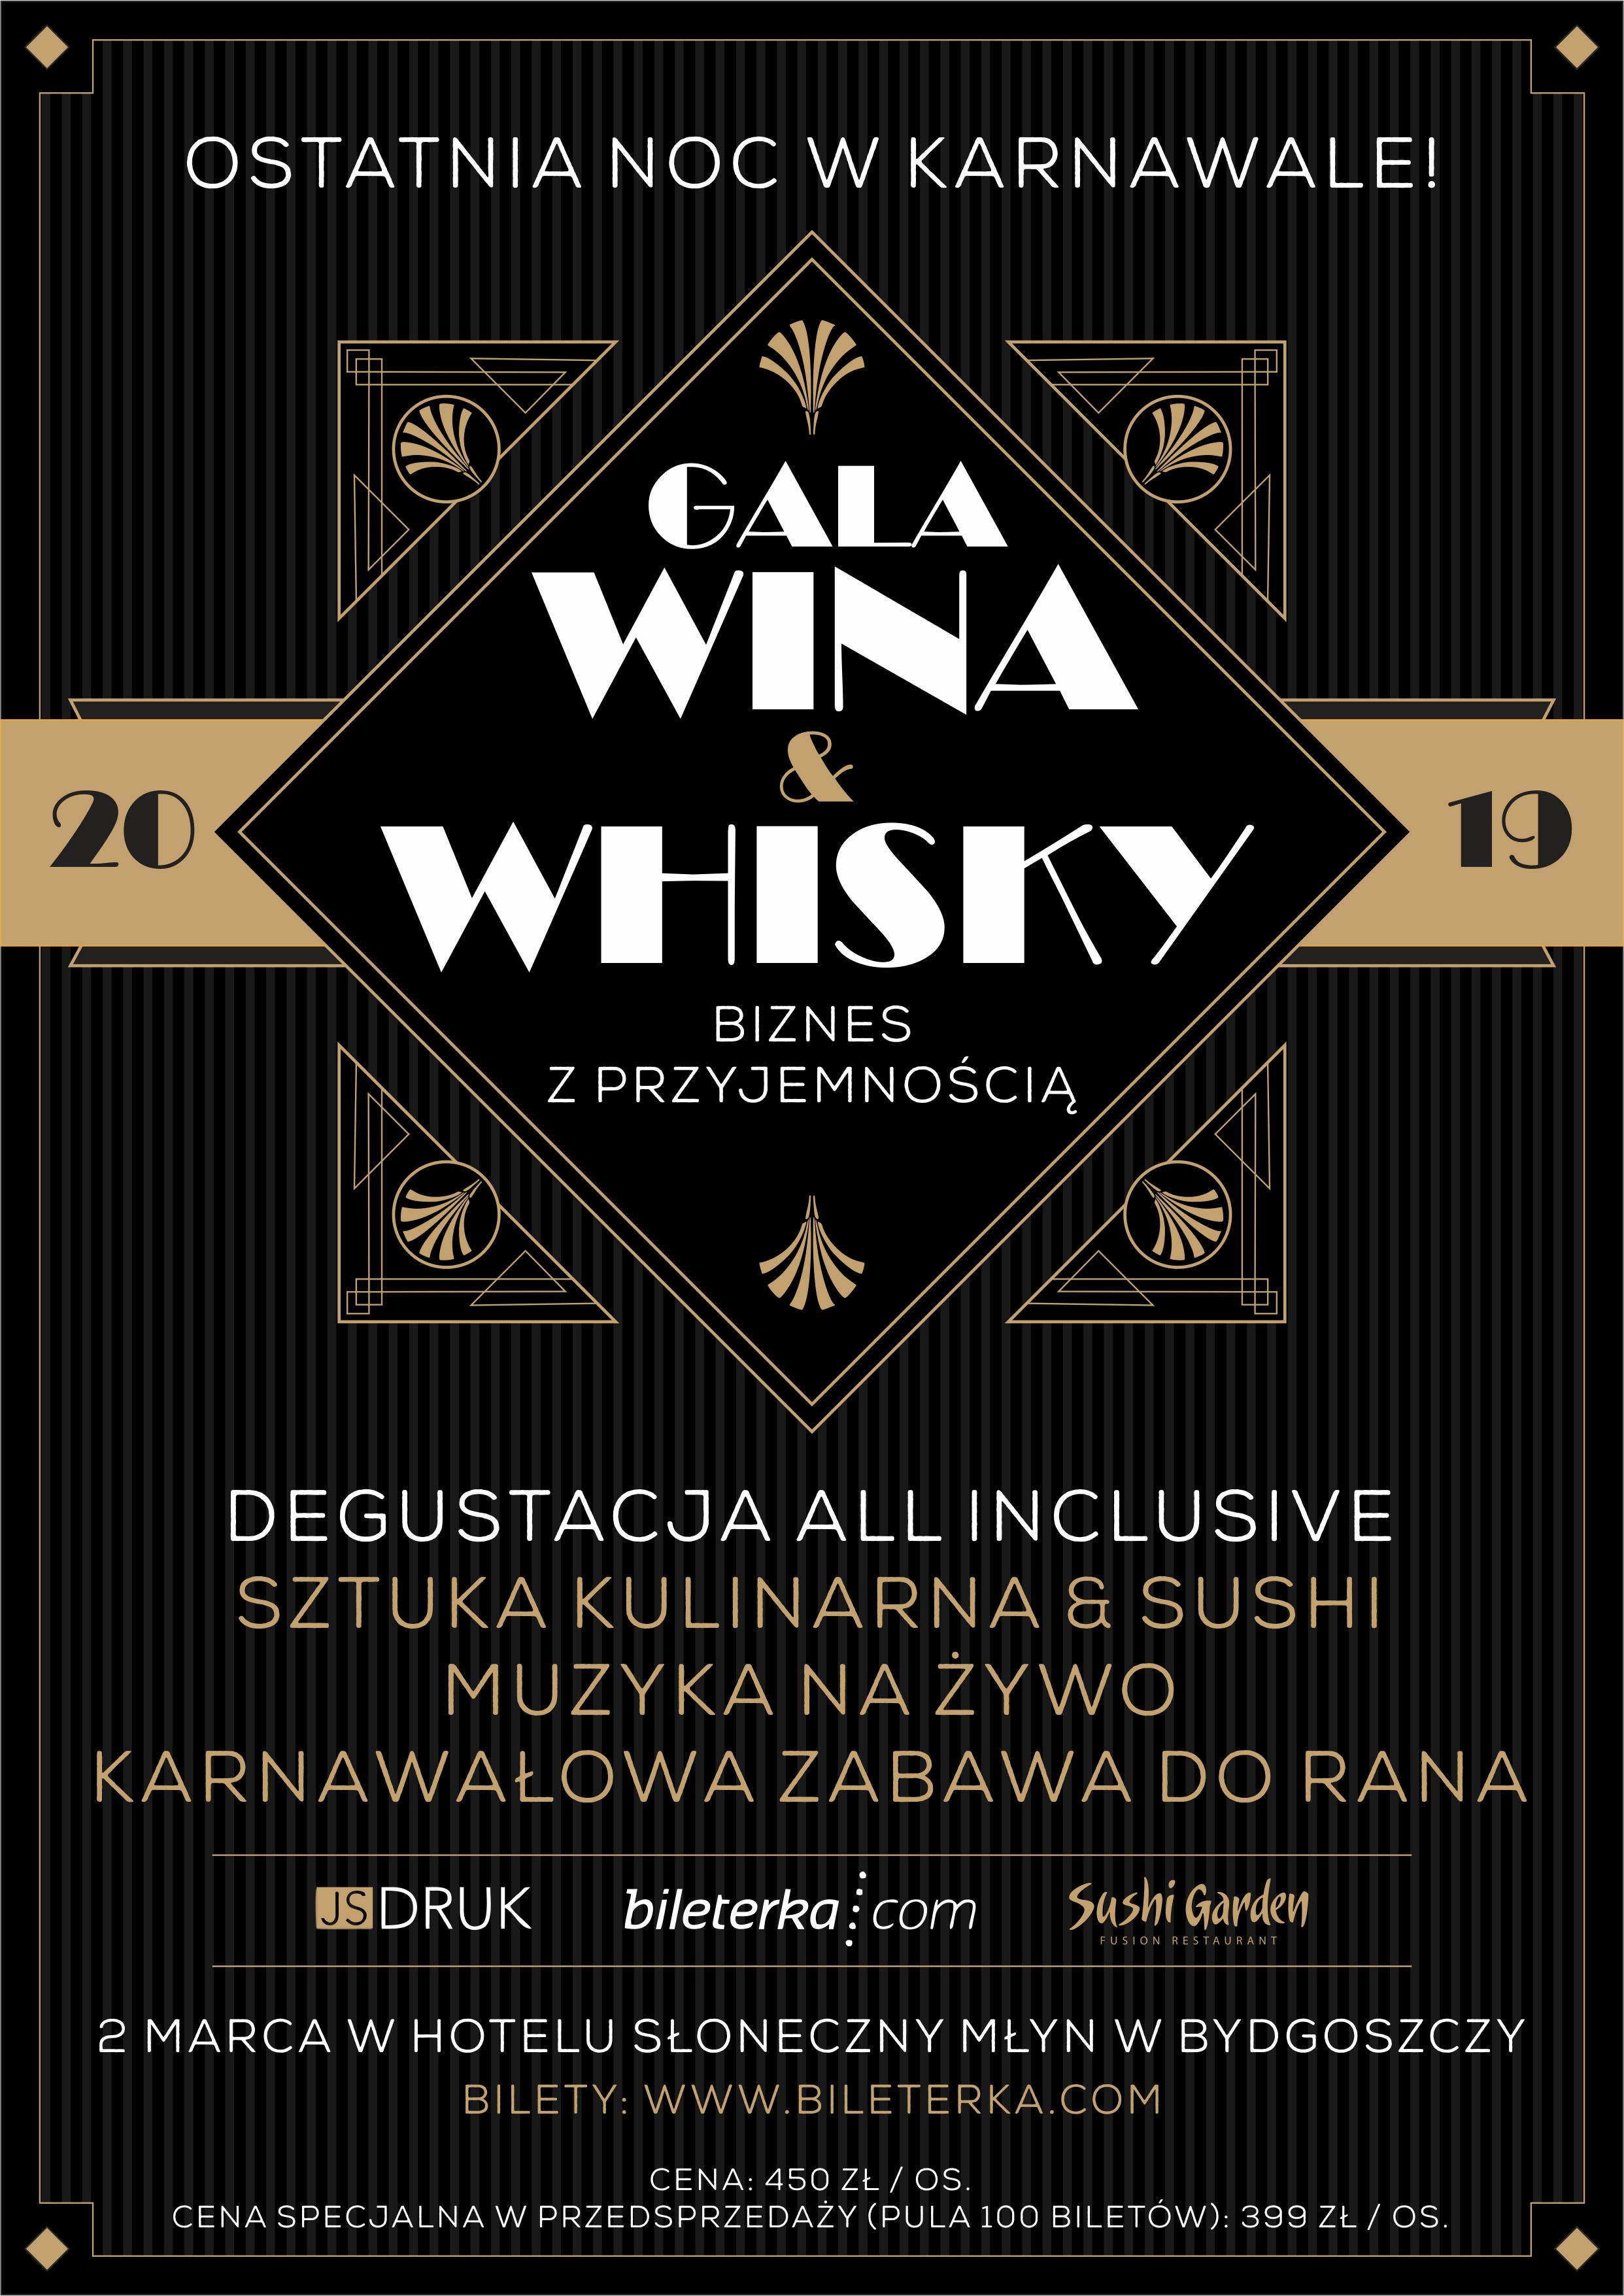 GALA WINA & WHISKY